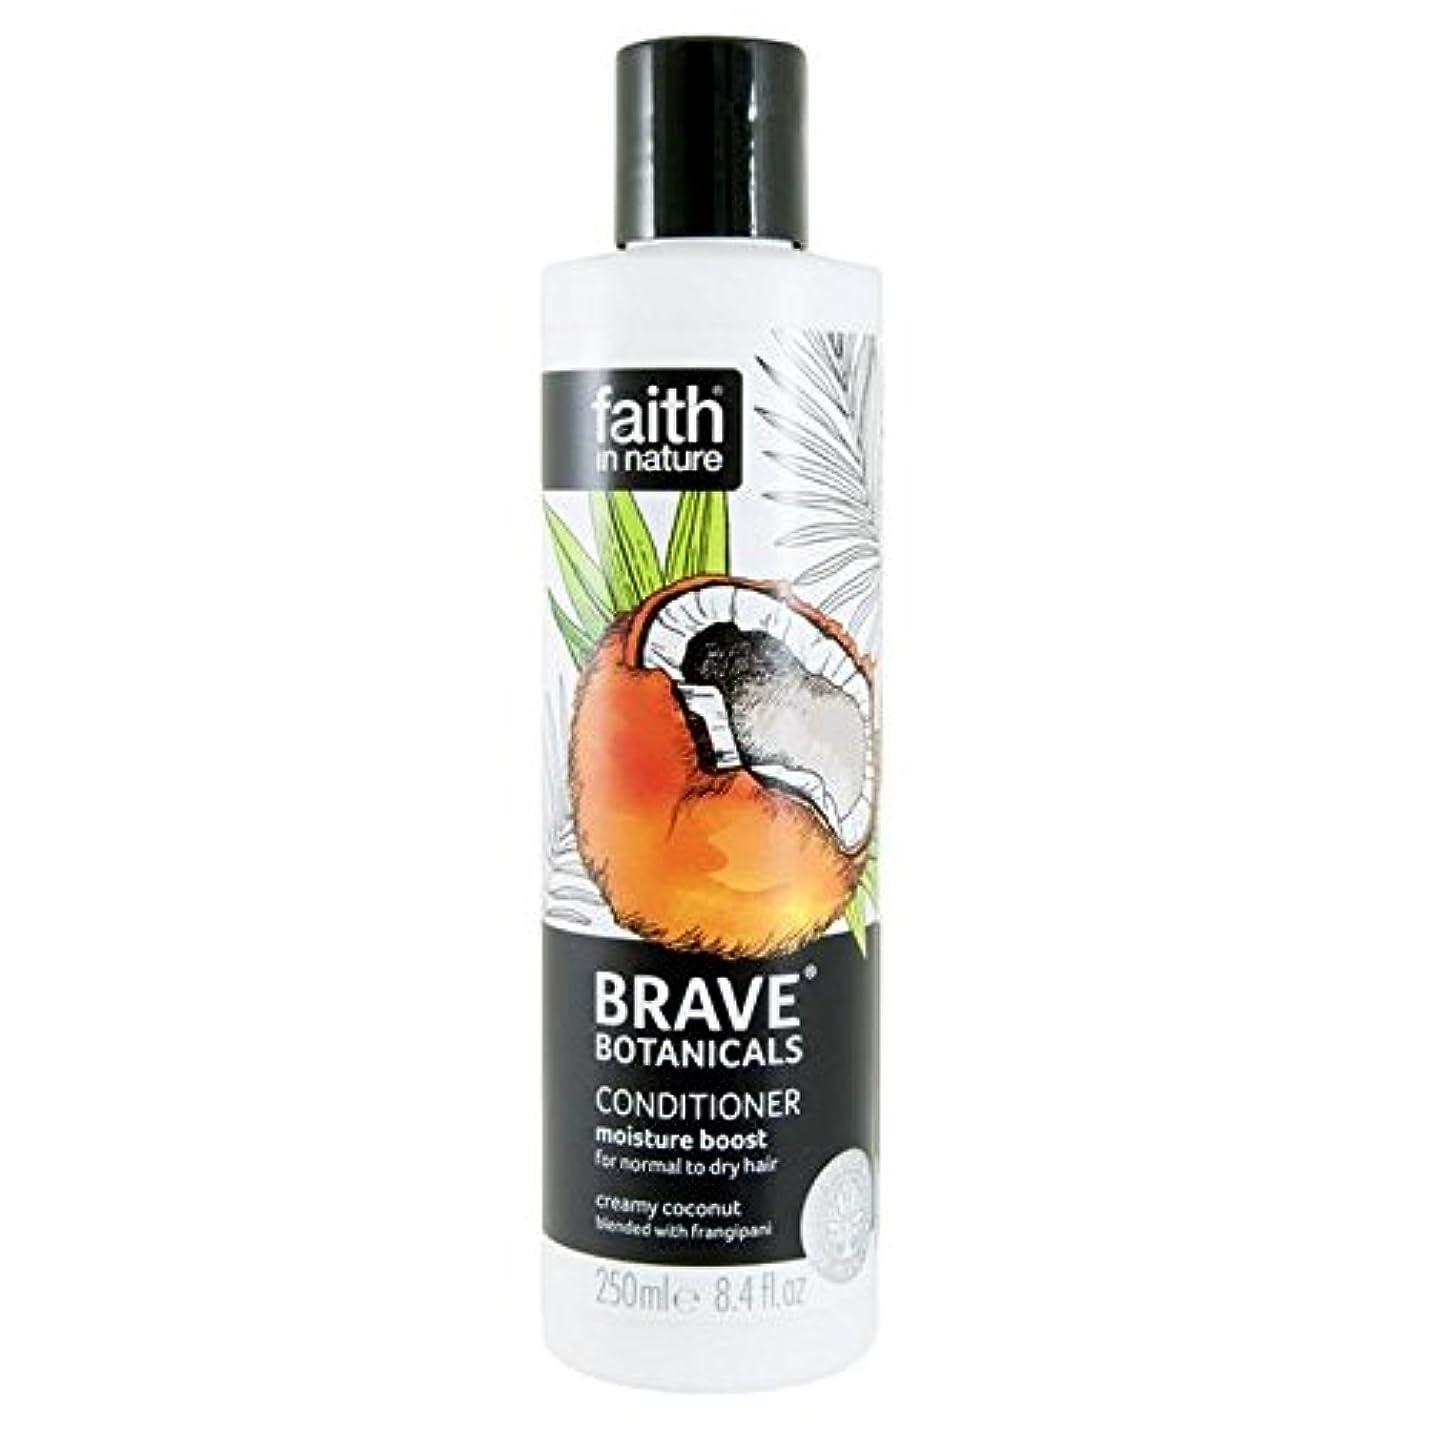 納税者氏信頼性のあるBrave Botanicals Coconut & Frangipani Moisture Boost Conditioner 250ml (Pack of 2) - (Faith In Nature) 勇敢な植物ココナッツ...